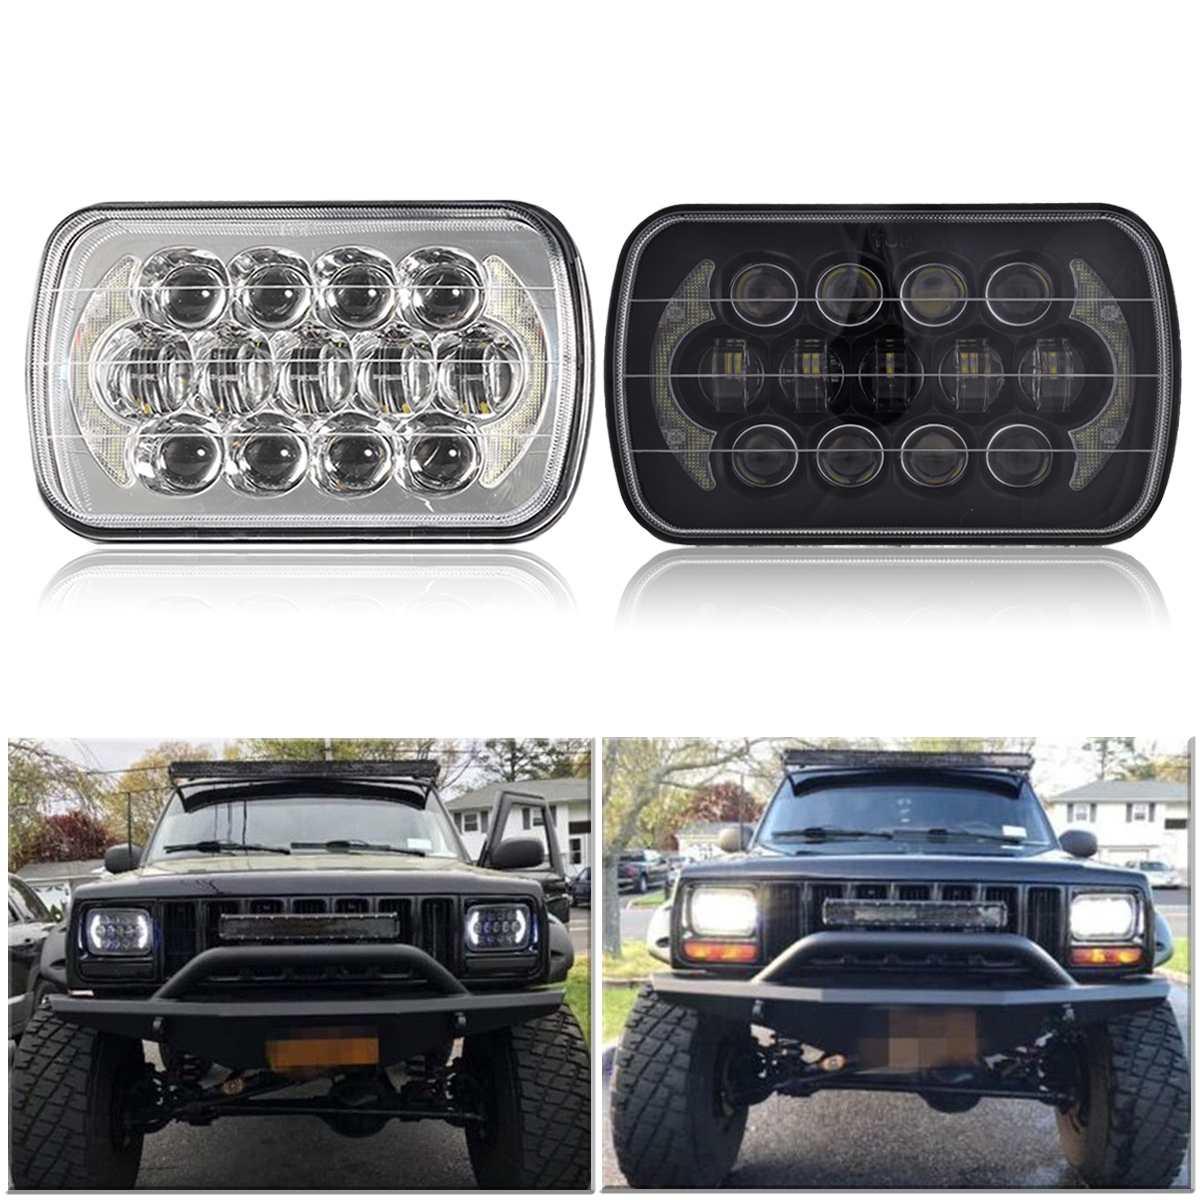 5 Inch X 7 inch Car Truck Off Road LED Spot Flood Work Head light Bars for Jeep Cherokee 1984 2001 XJ Trucks IP67 85W